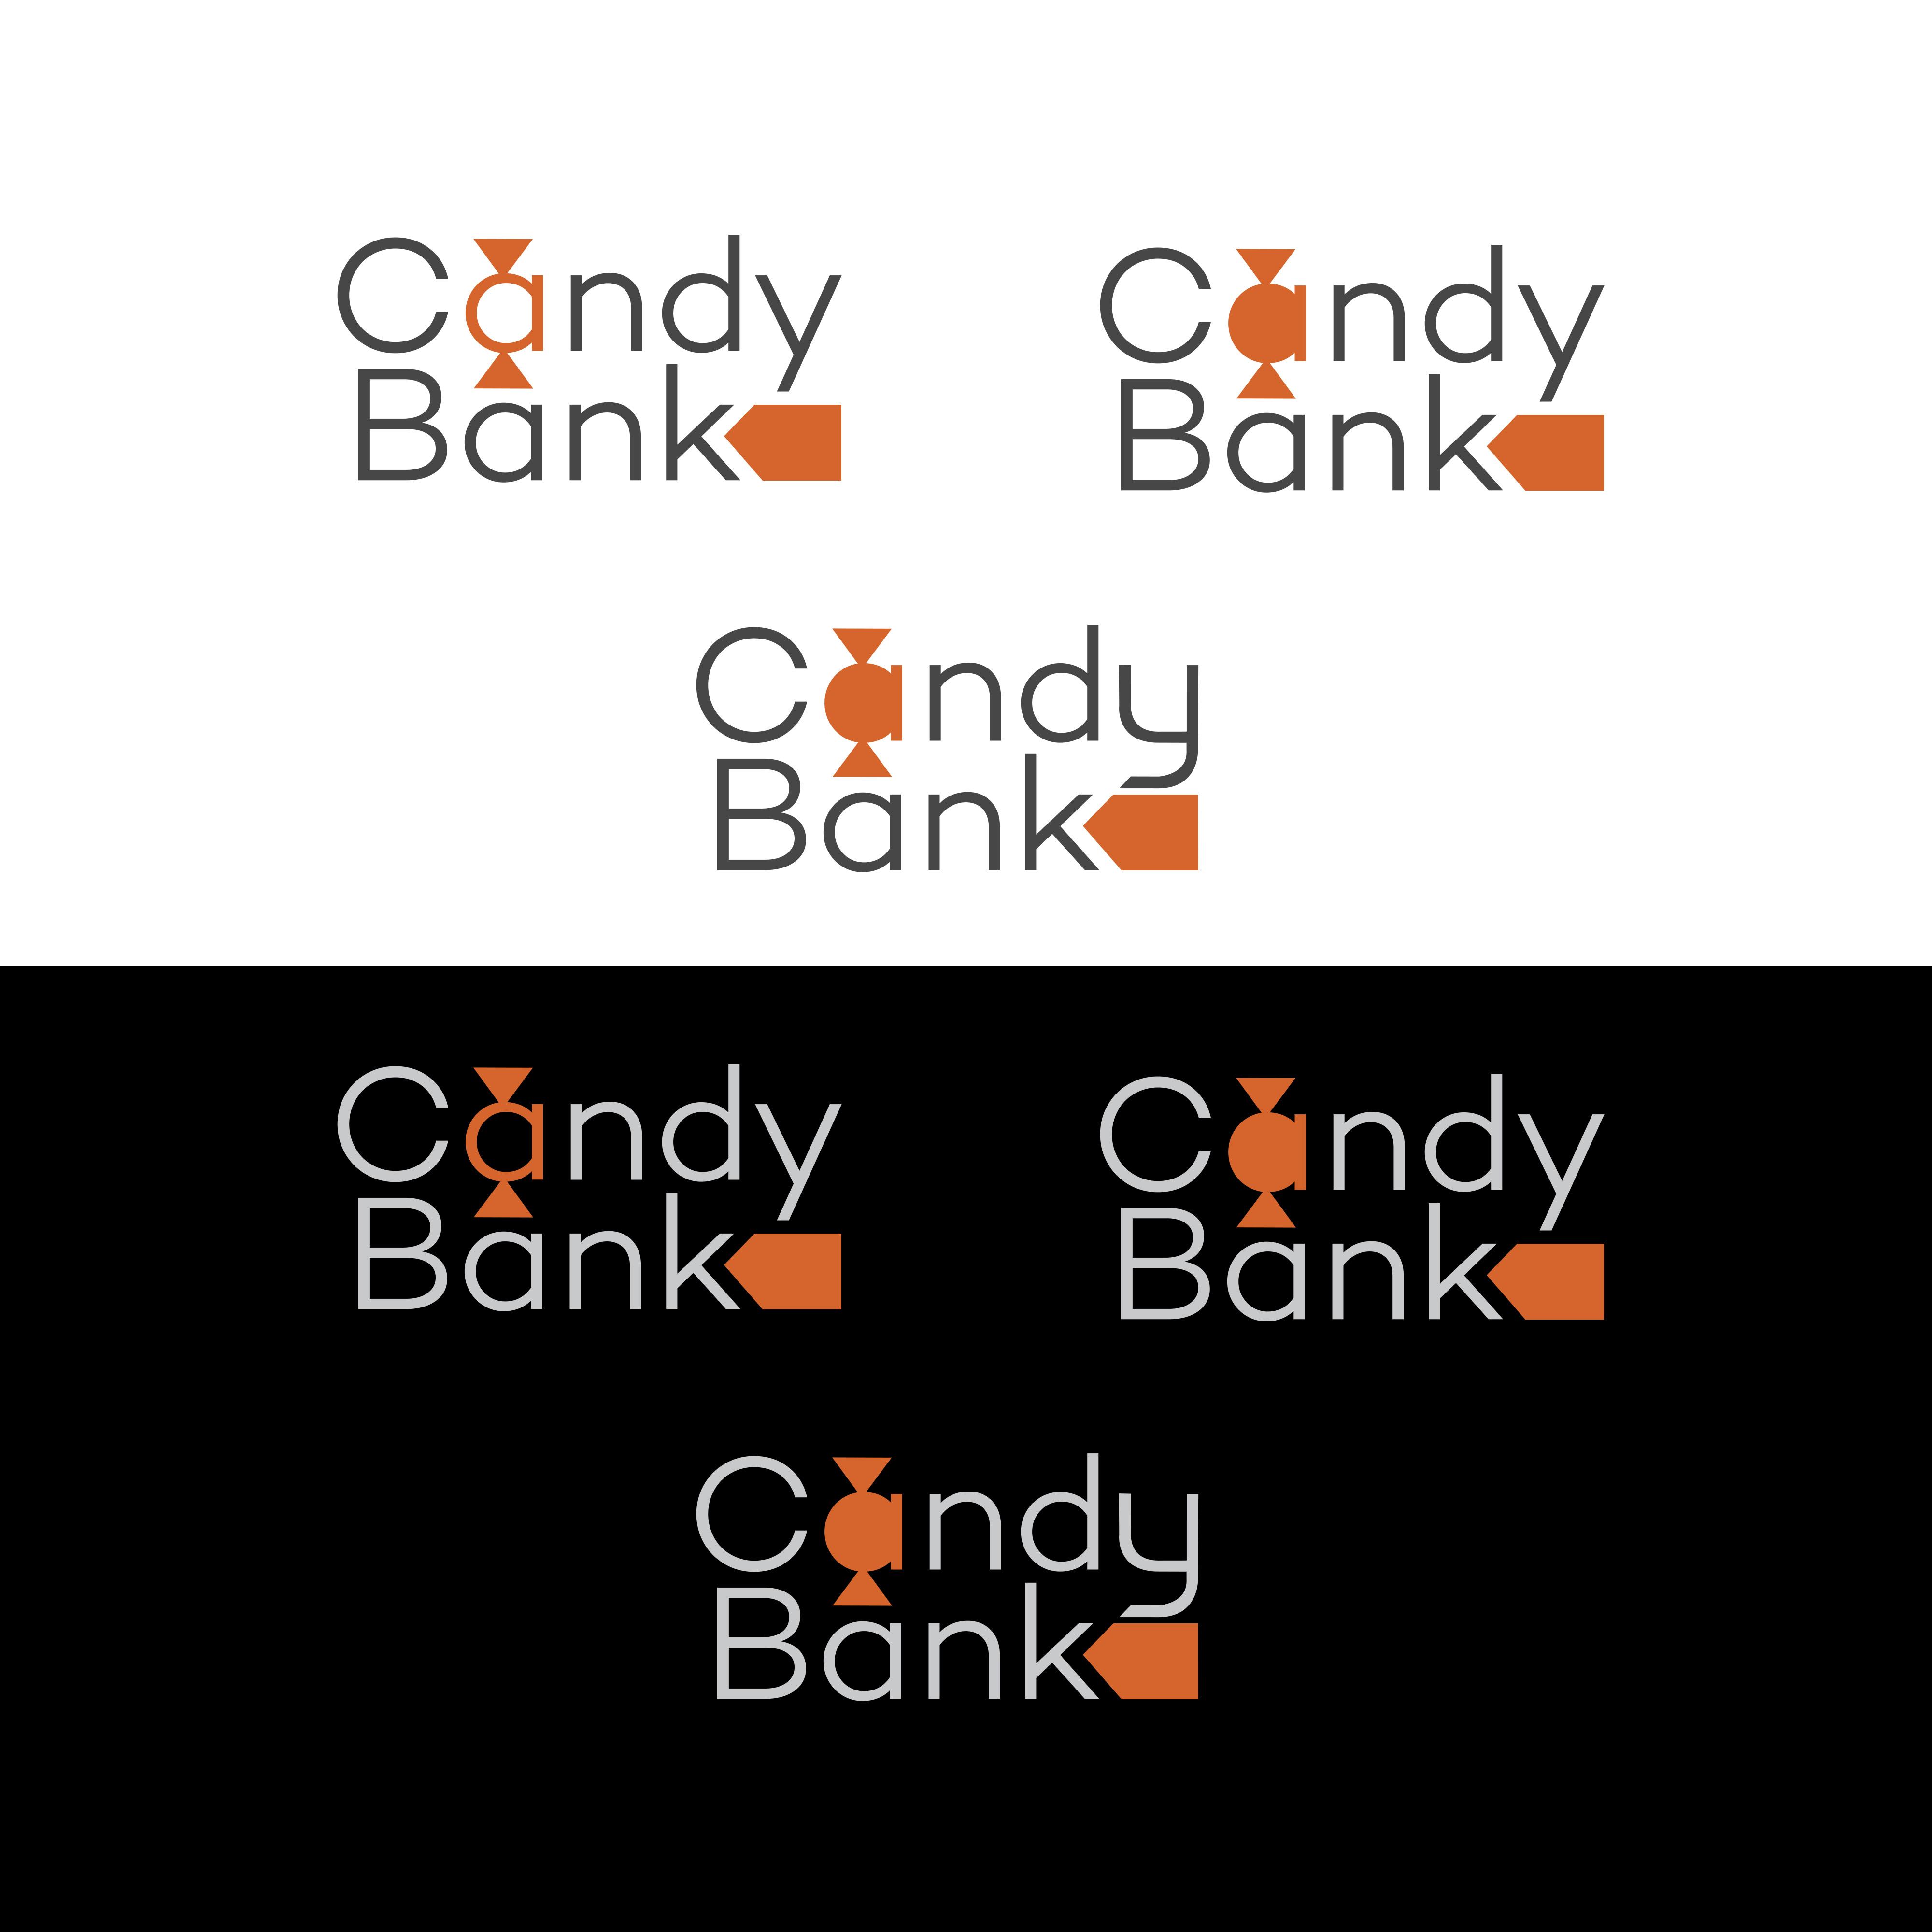 Логотип для международного банка фото f_4875d69474b4f219.jpg